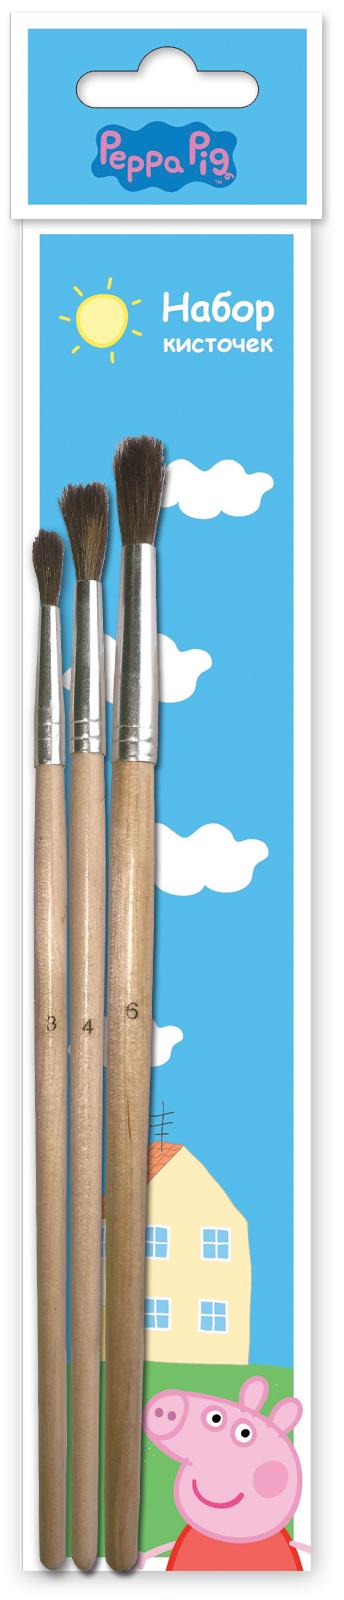 Набор кисточек «Свинка Пеппа» 3 штукиКисточки для рисования<br>Набор кисточек «Свинка Пеппа» 3 штуки<br>